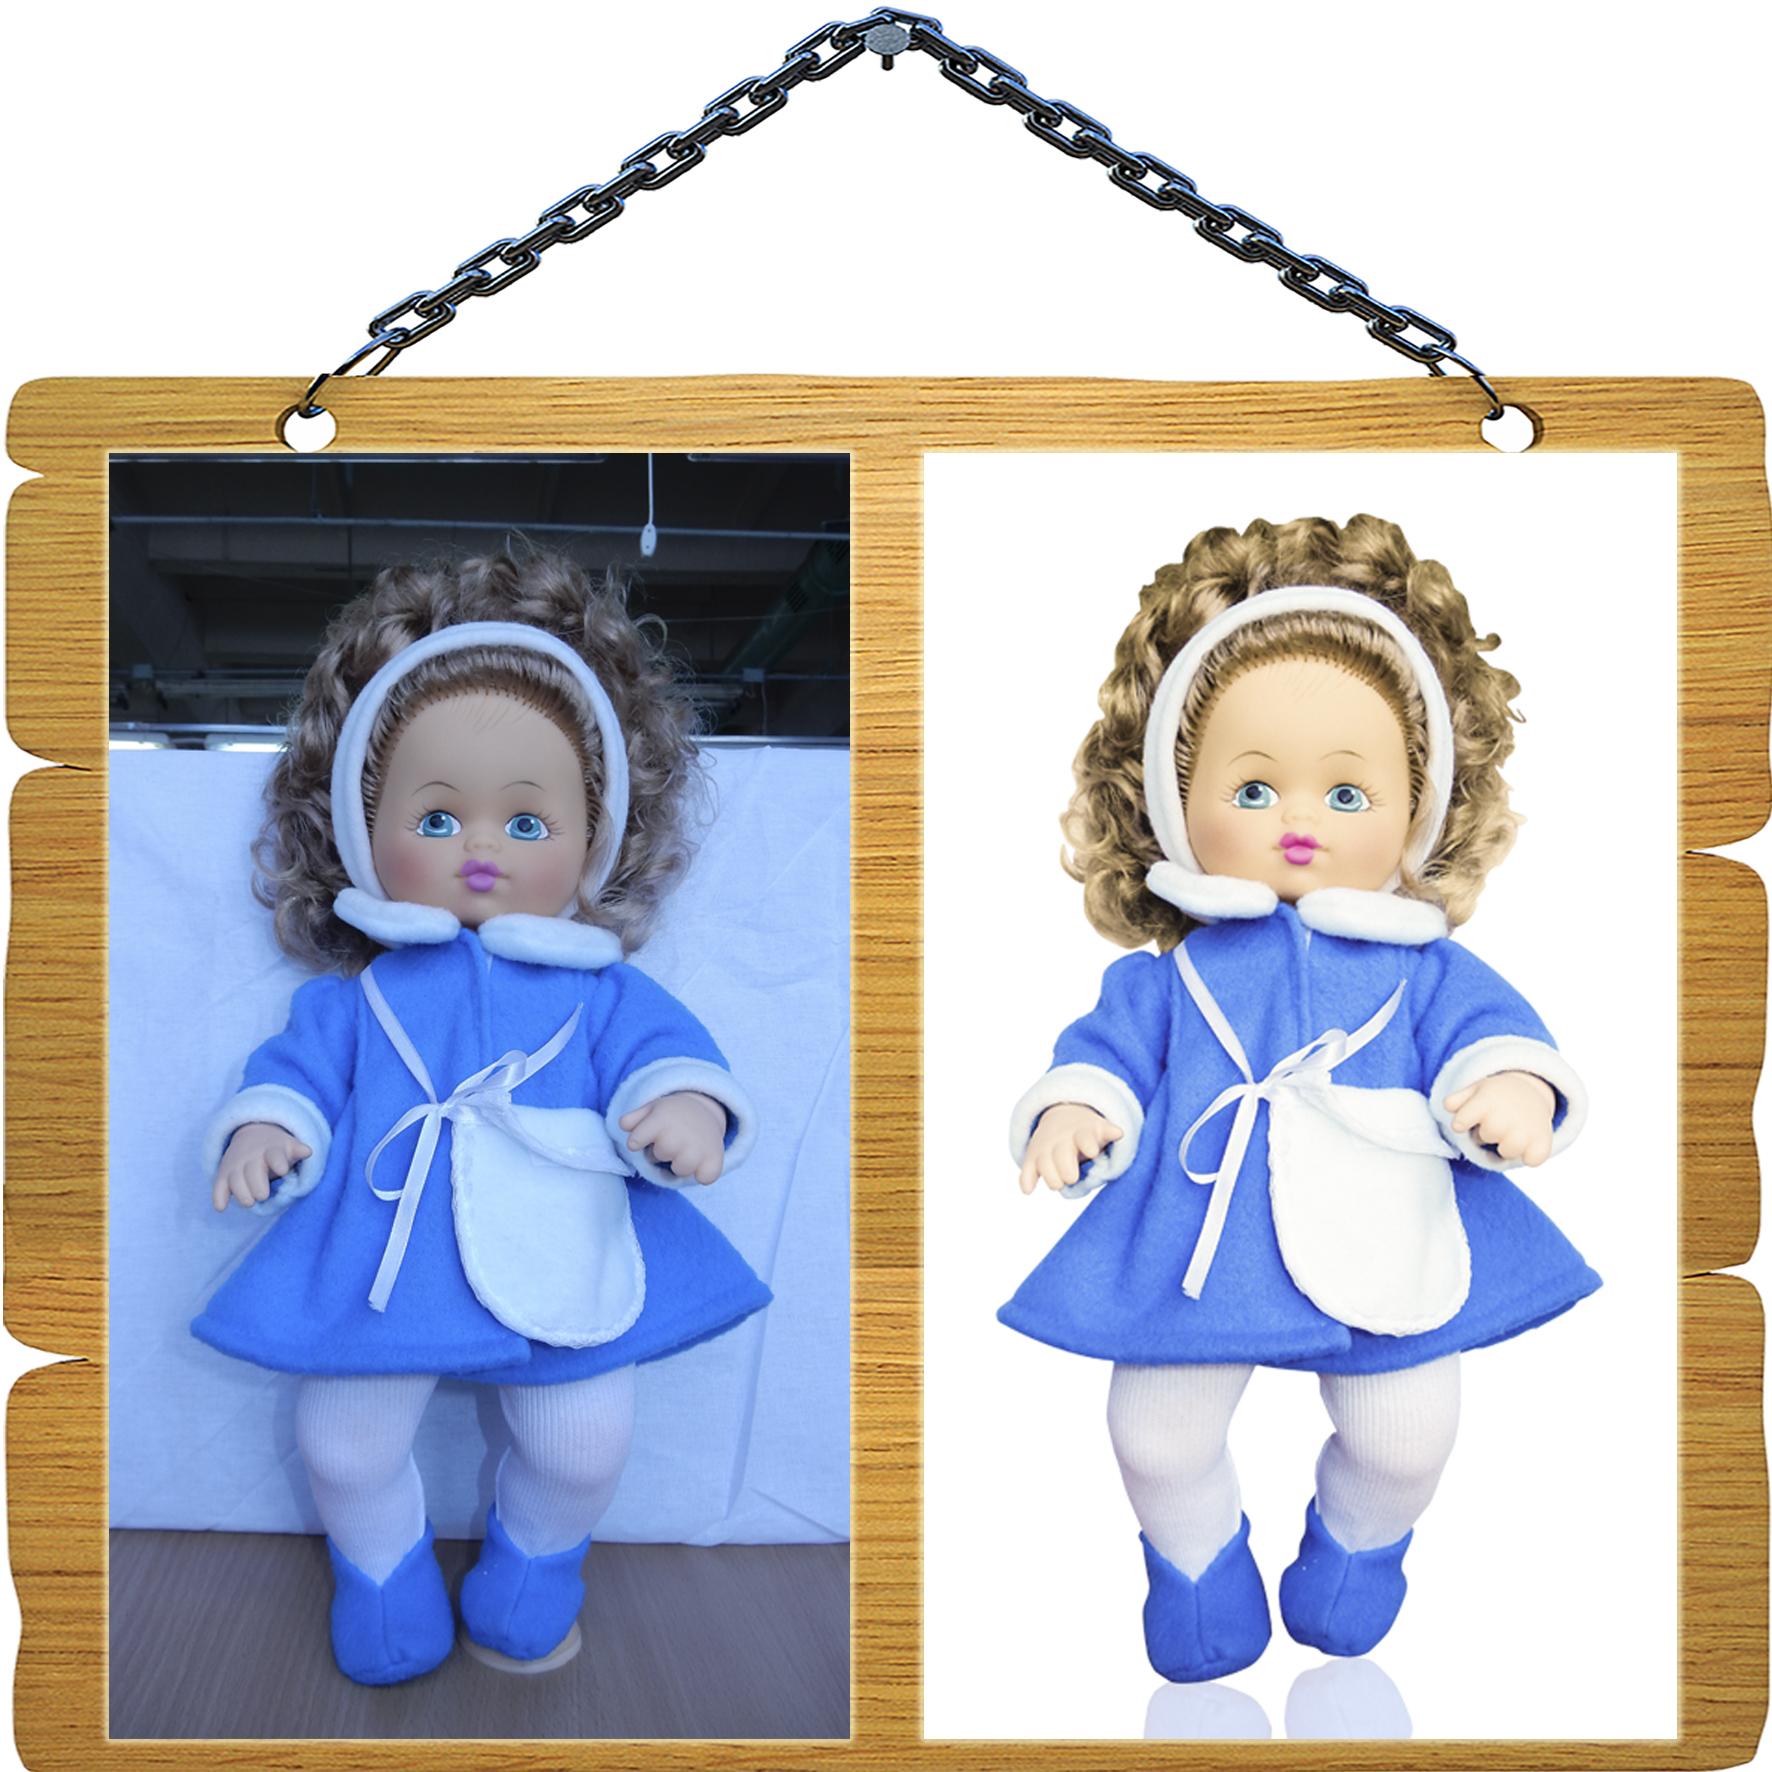 Обтравка и цветокоррекция - Кукла